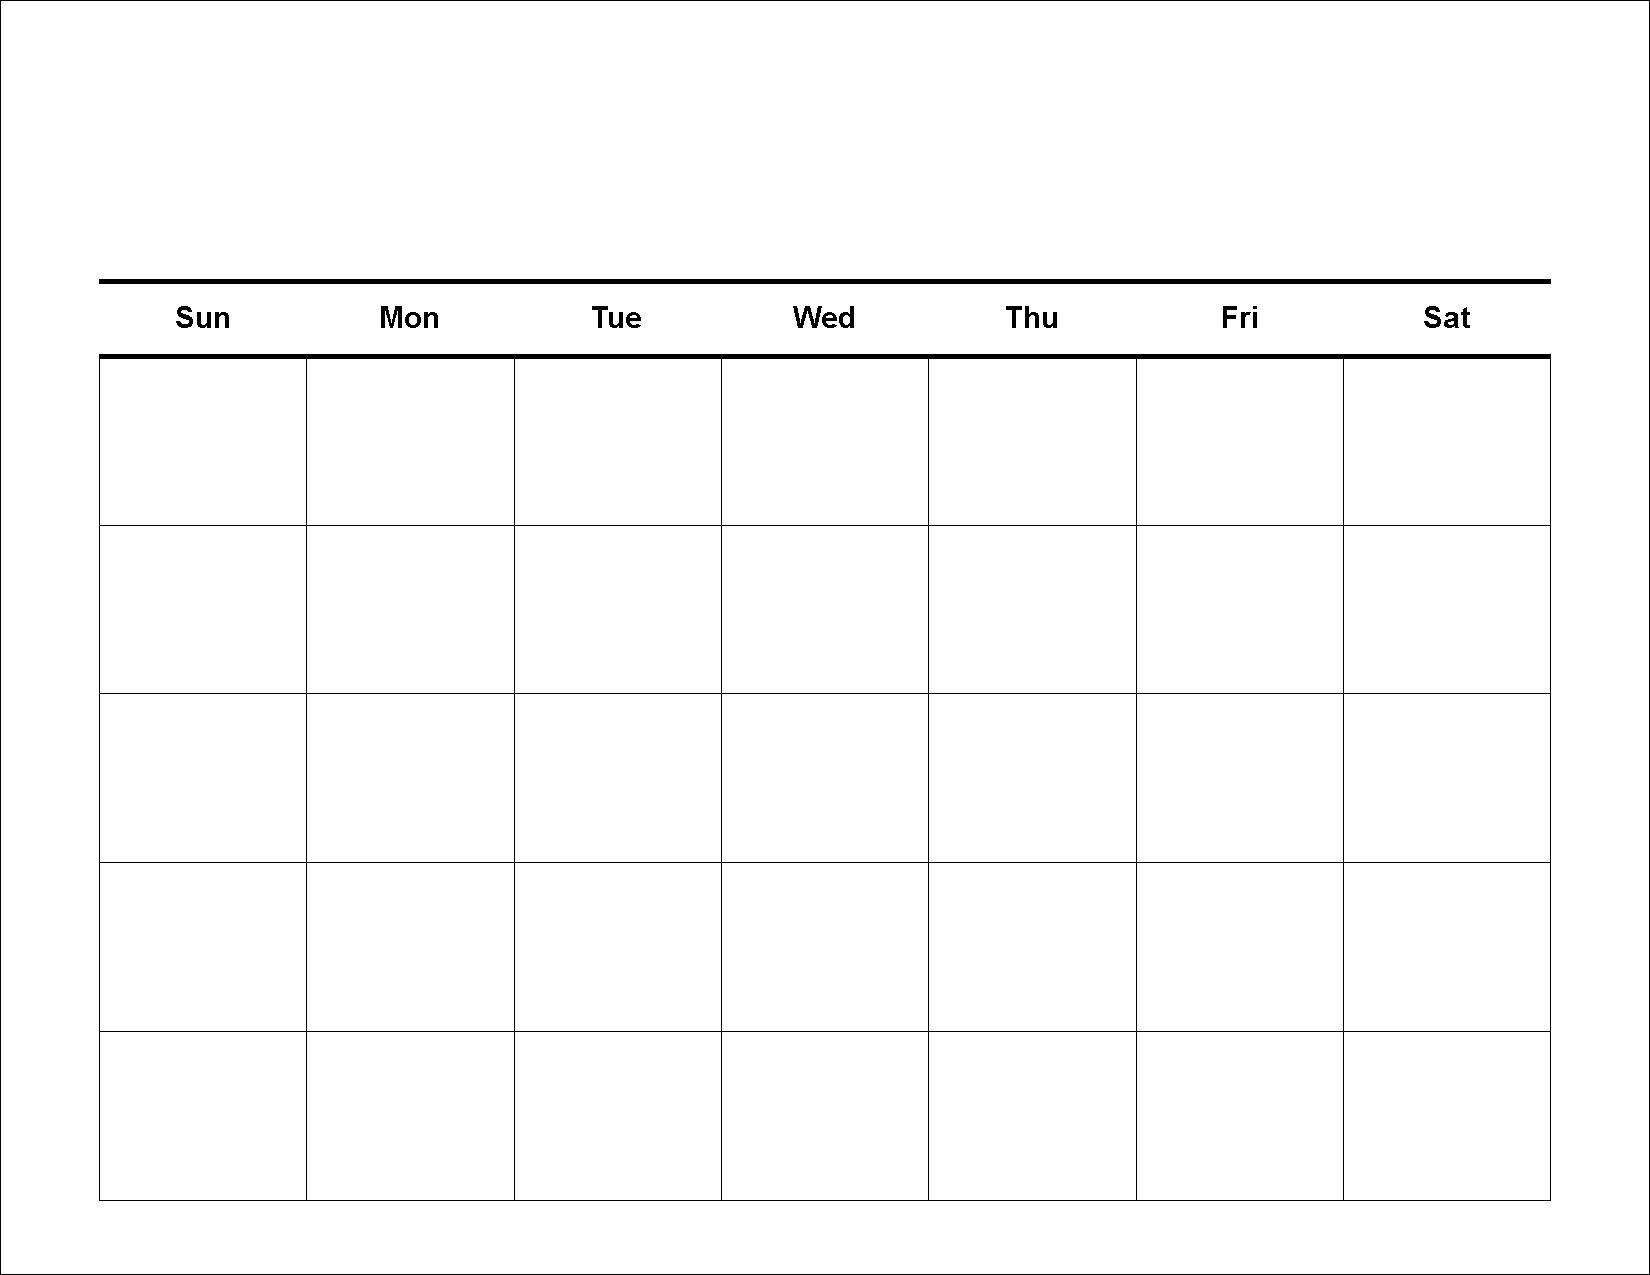 30 Day Blank Calendar Template 2 Week Blank Calendar Printable throughout 2 Week Blank Calendar Template